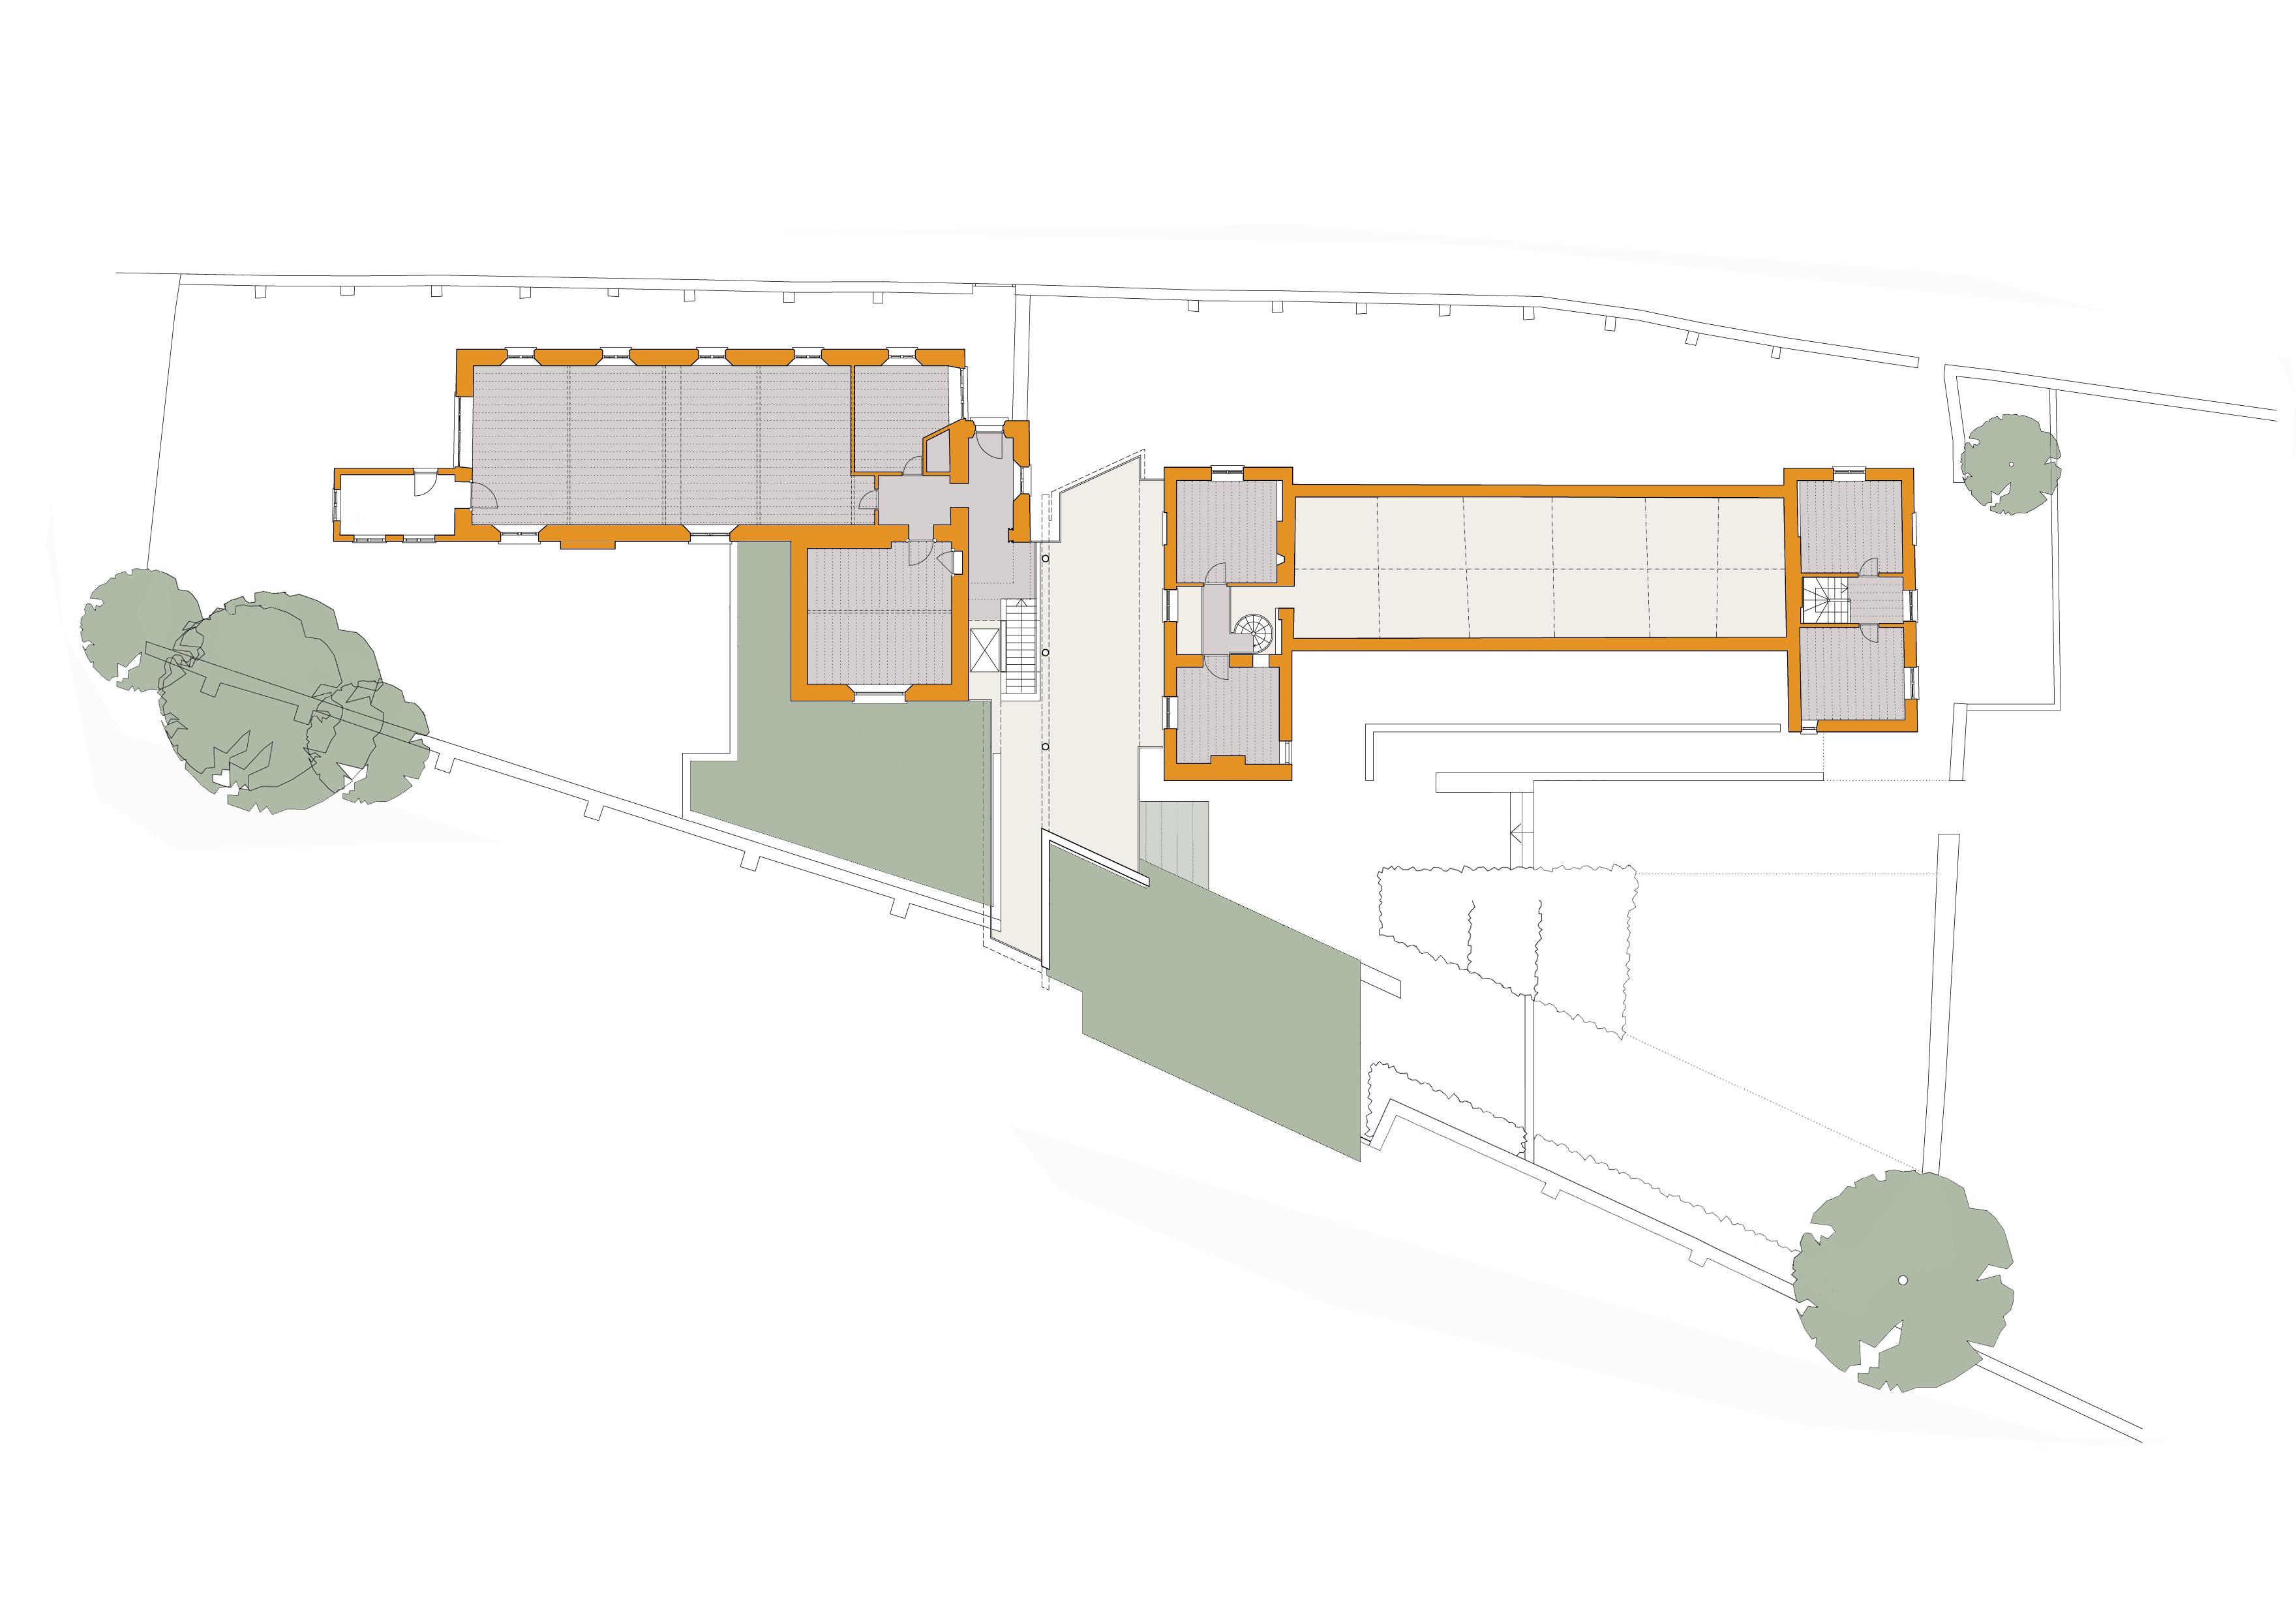 3_435_first floor